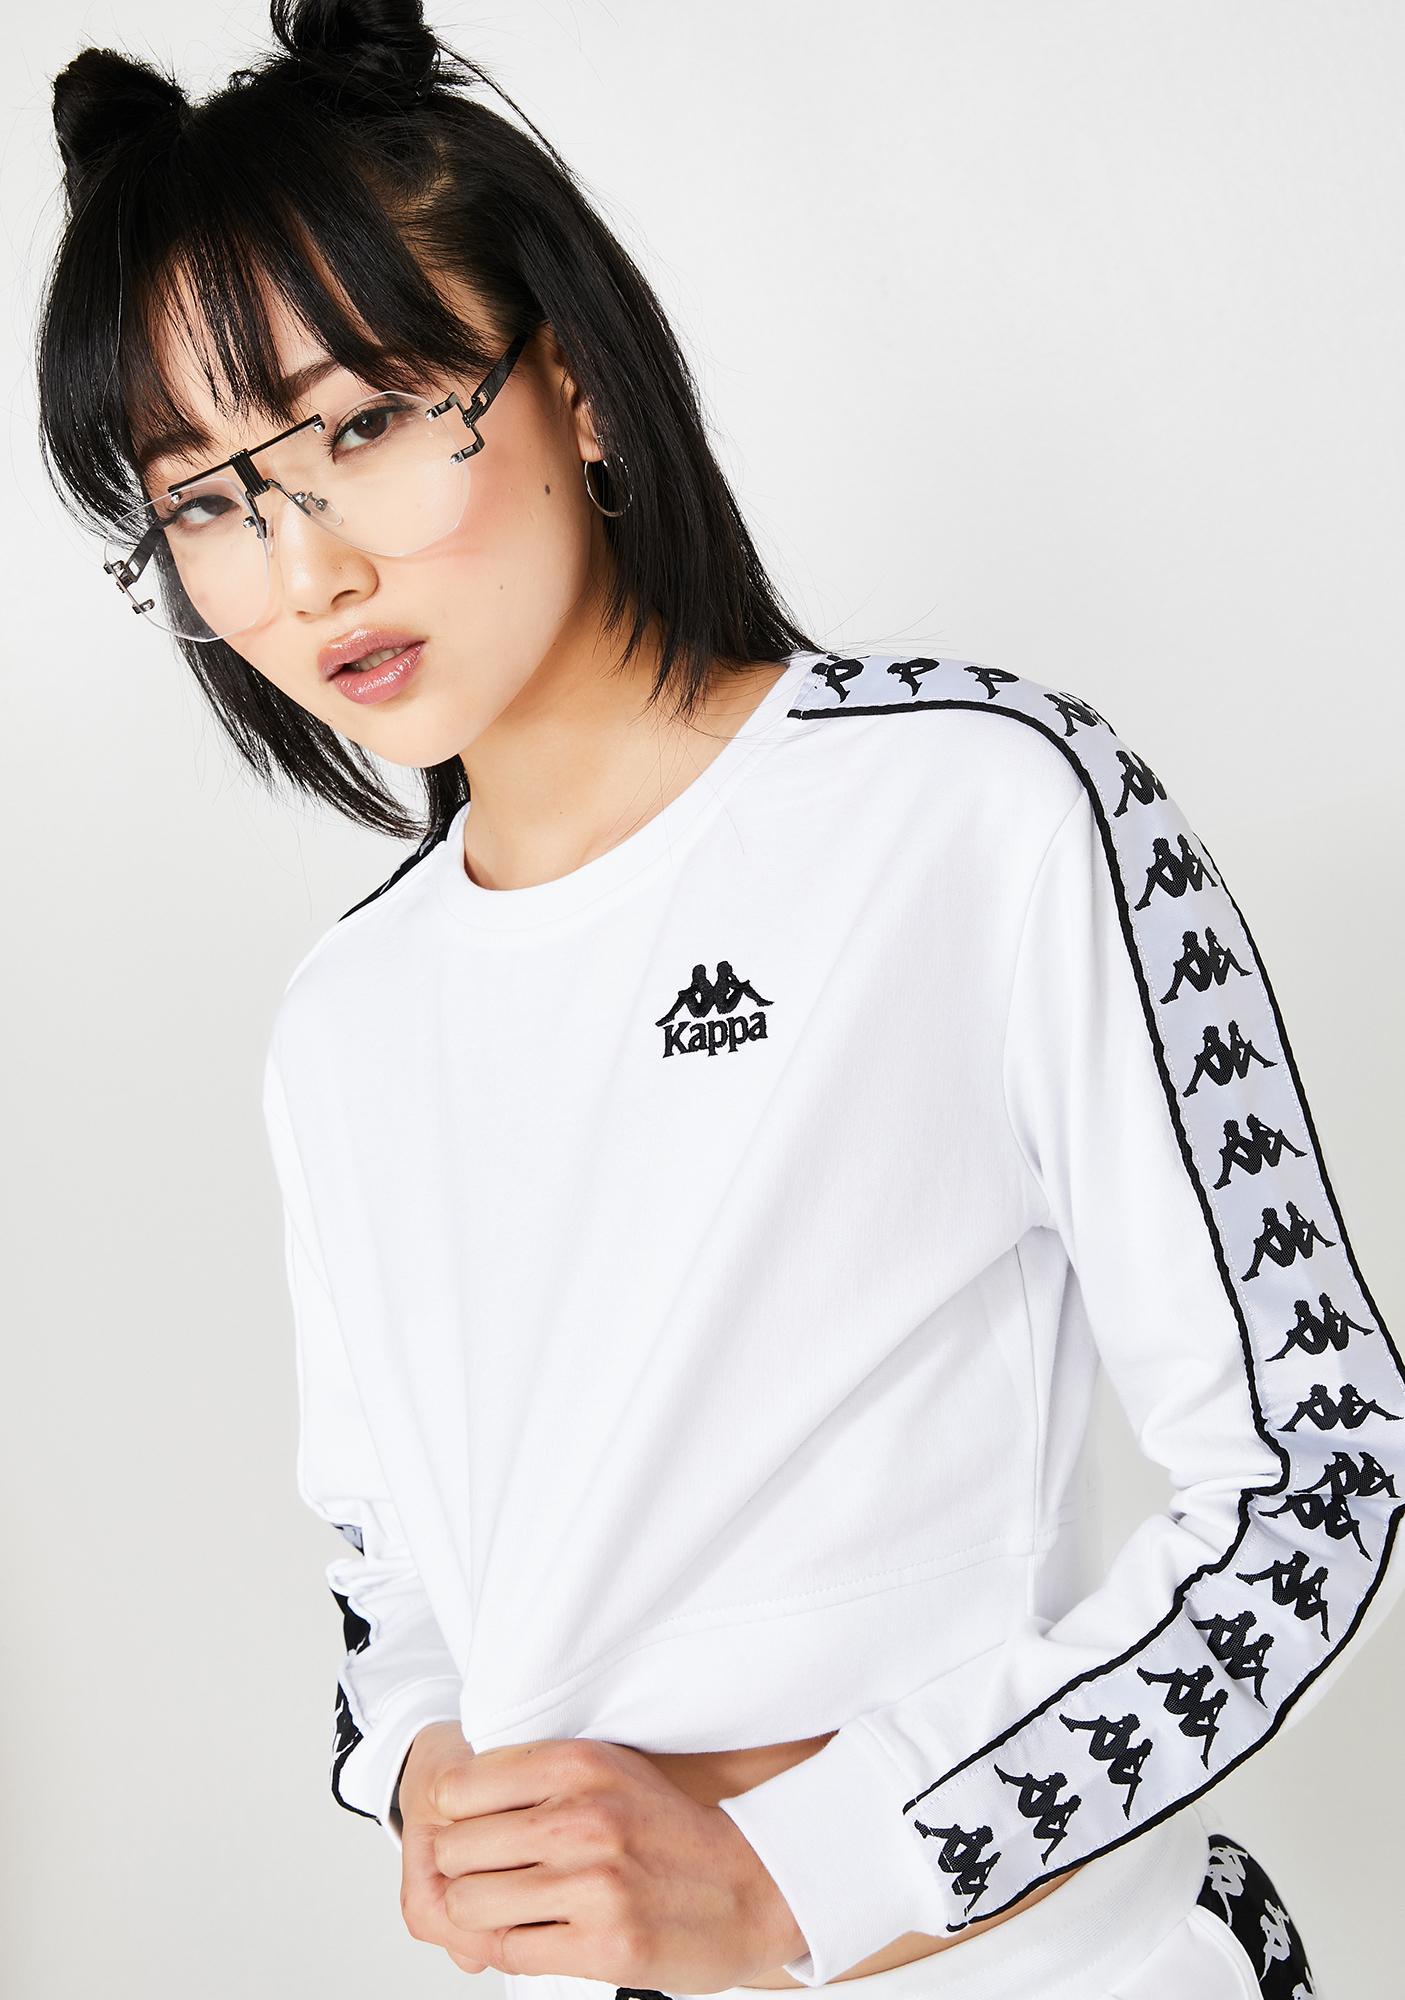 Kappa 222 Banda Ays Crop Sweatshirt